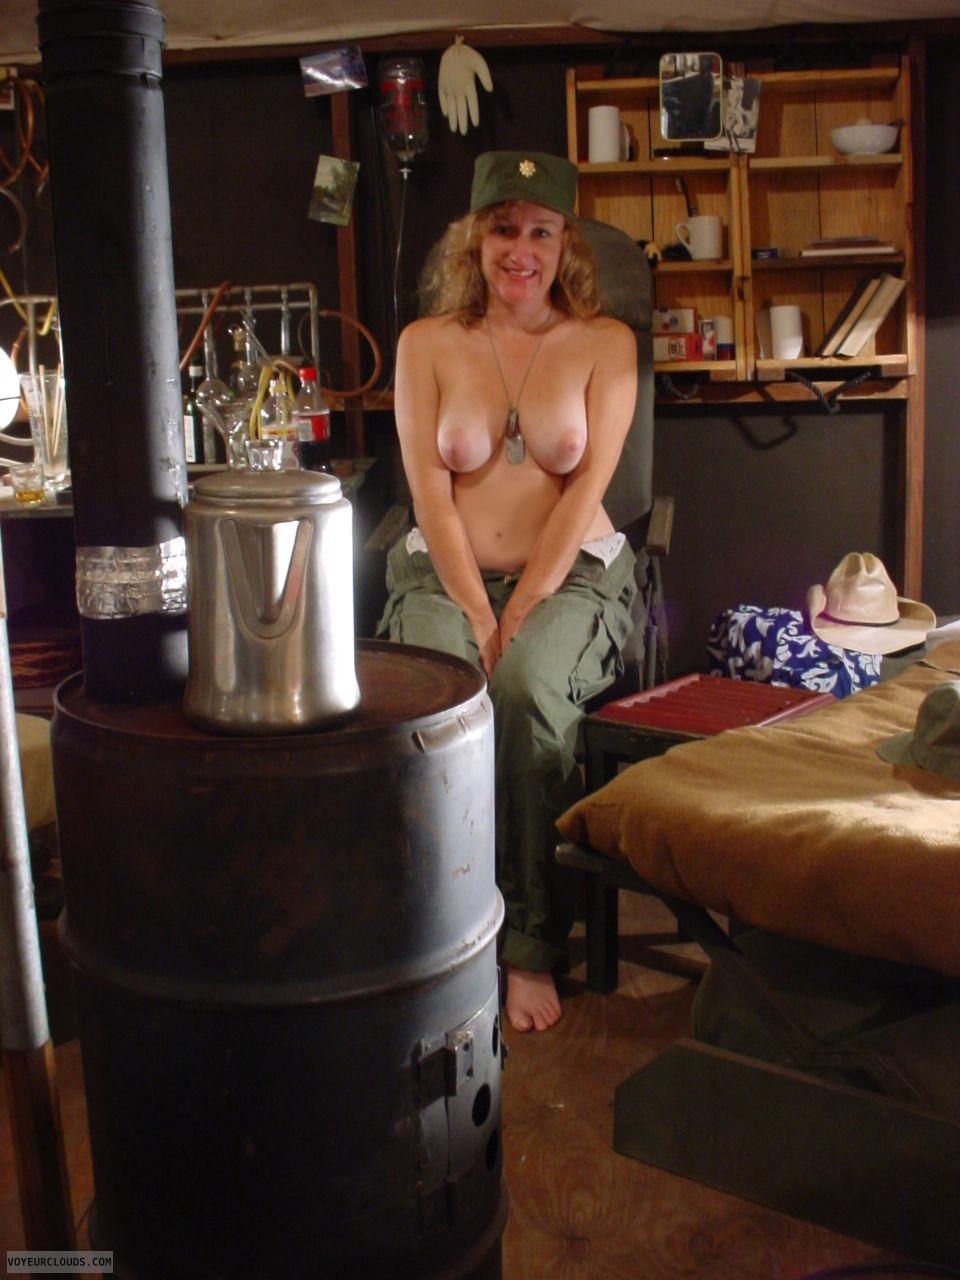 wife public nude